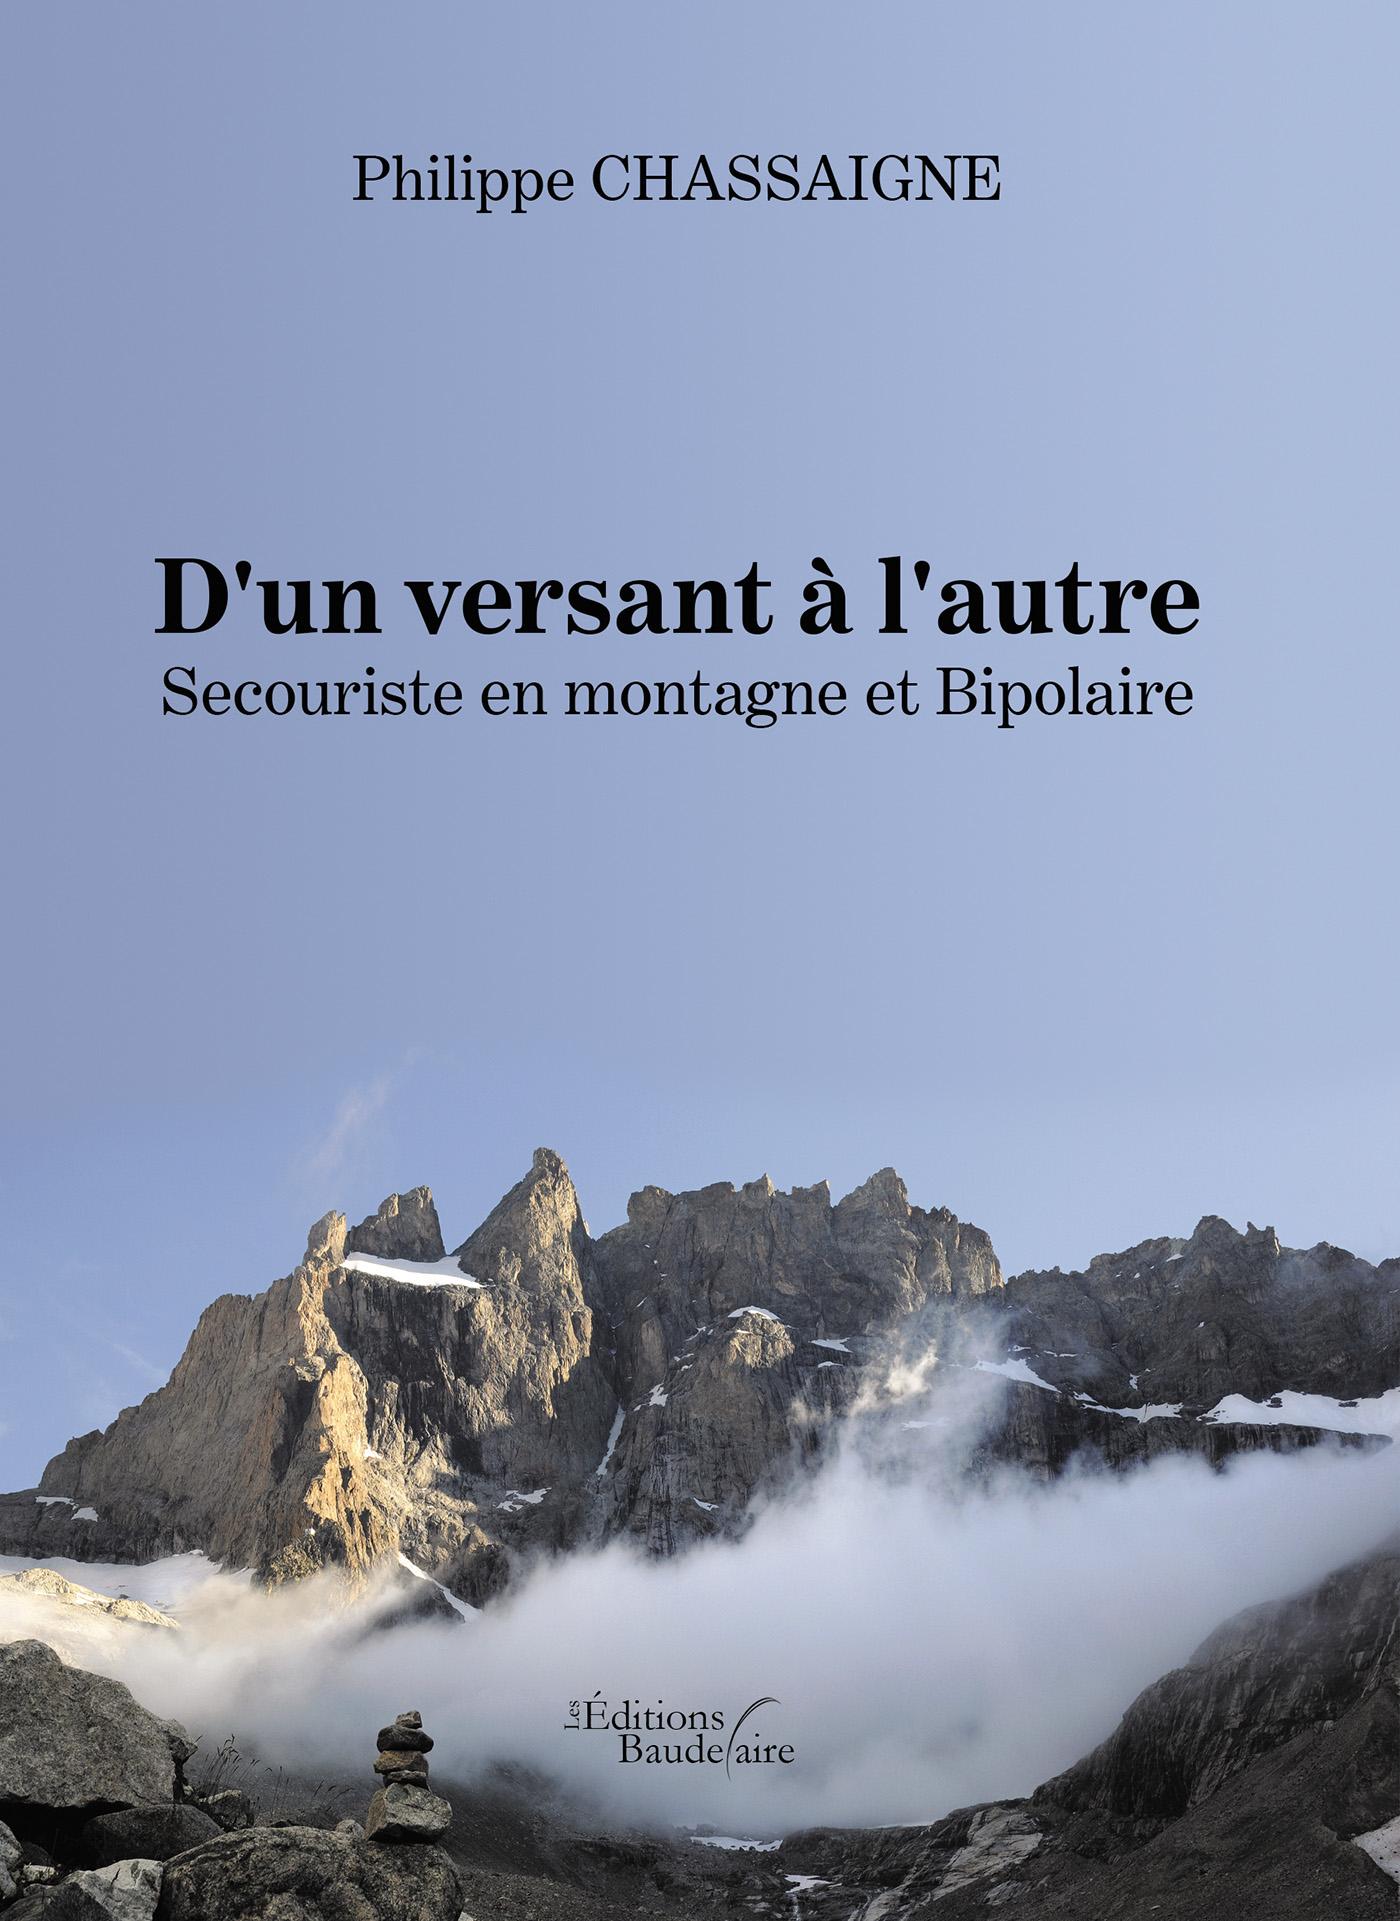 D'un versant à l'autre - Secouriste en montagne et Bipolaire - Philippe Chassaigne